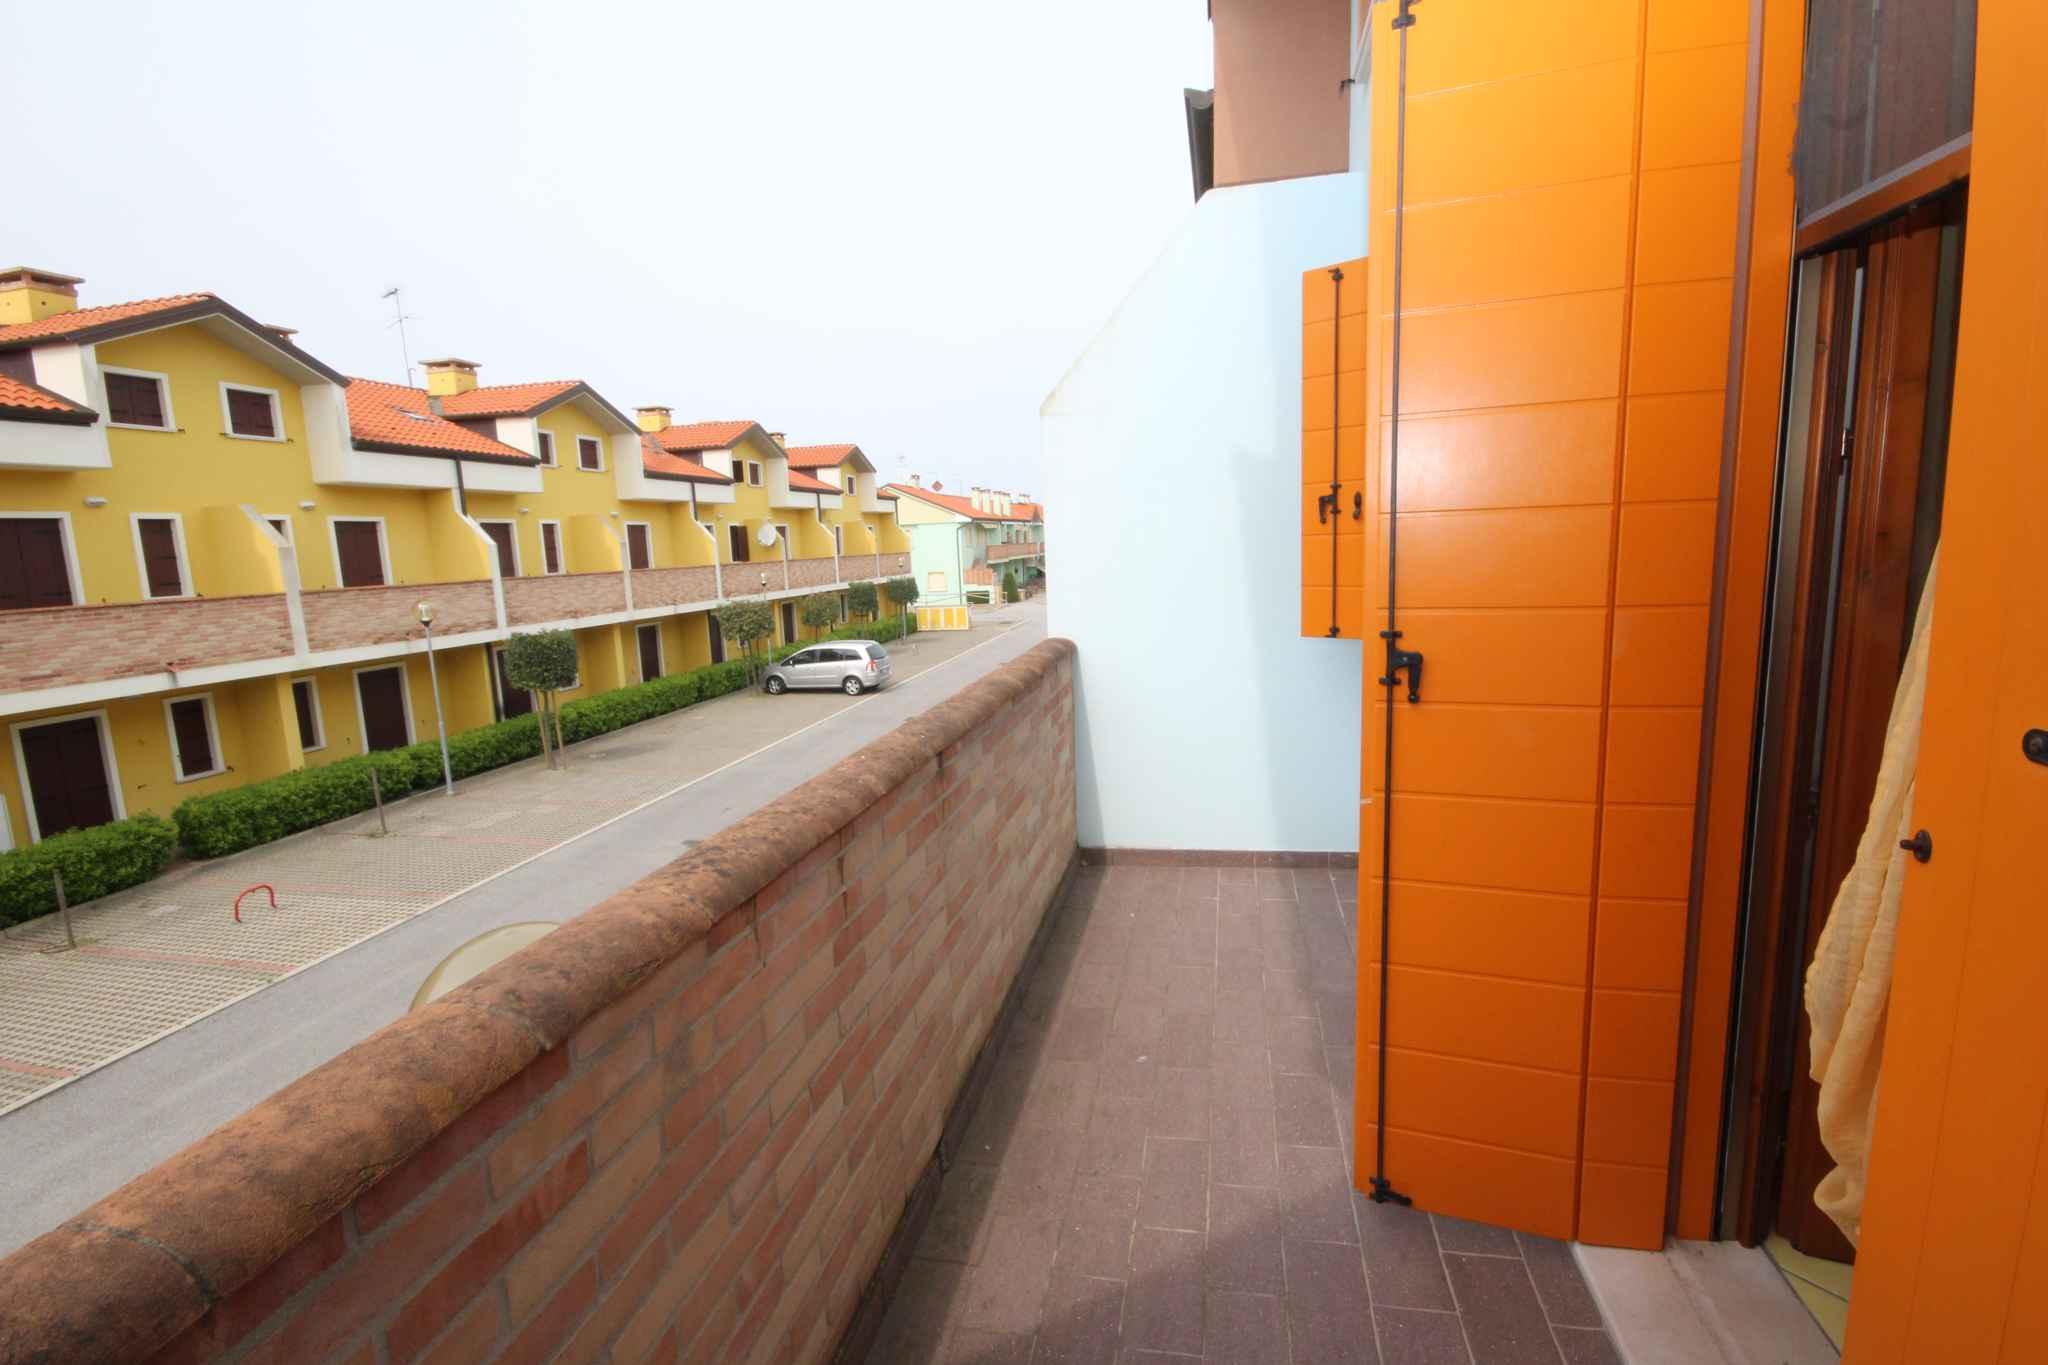 Ferienwohnung mit Balkon oder Terrasse (284315), Rosolina Mare, Rovigo, Venetien, Italien, Bild 10